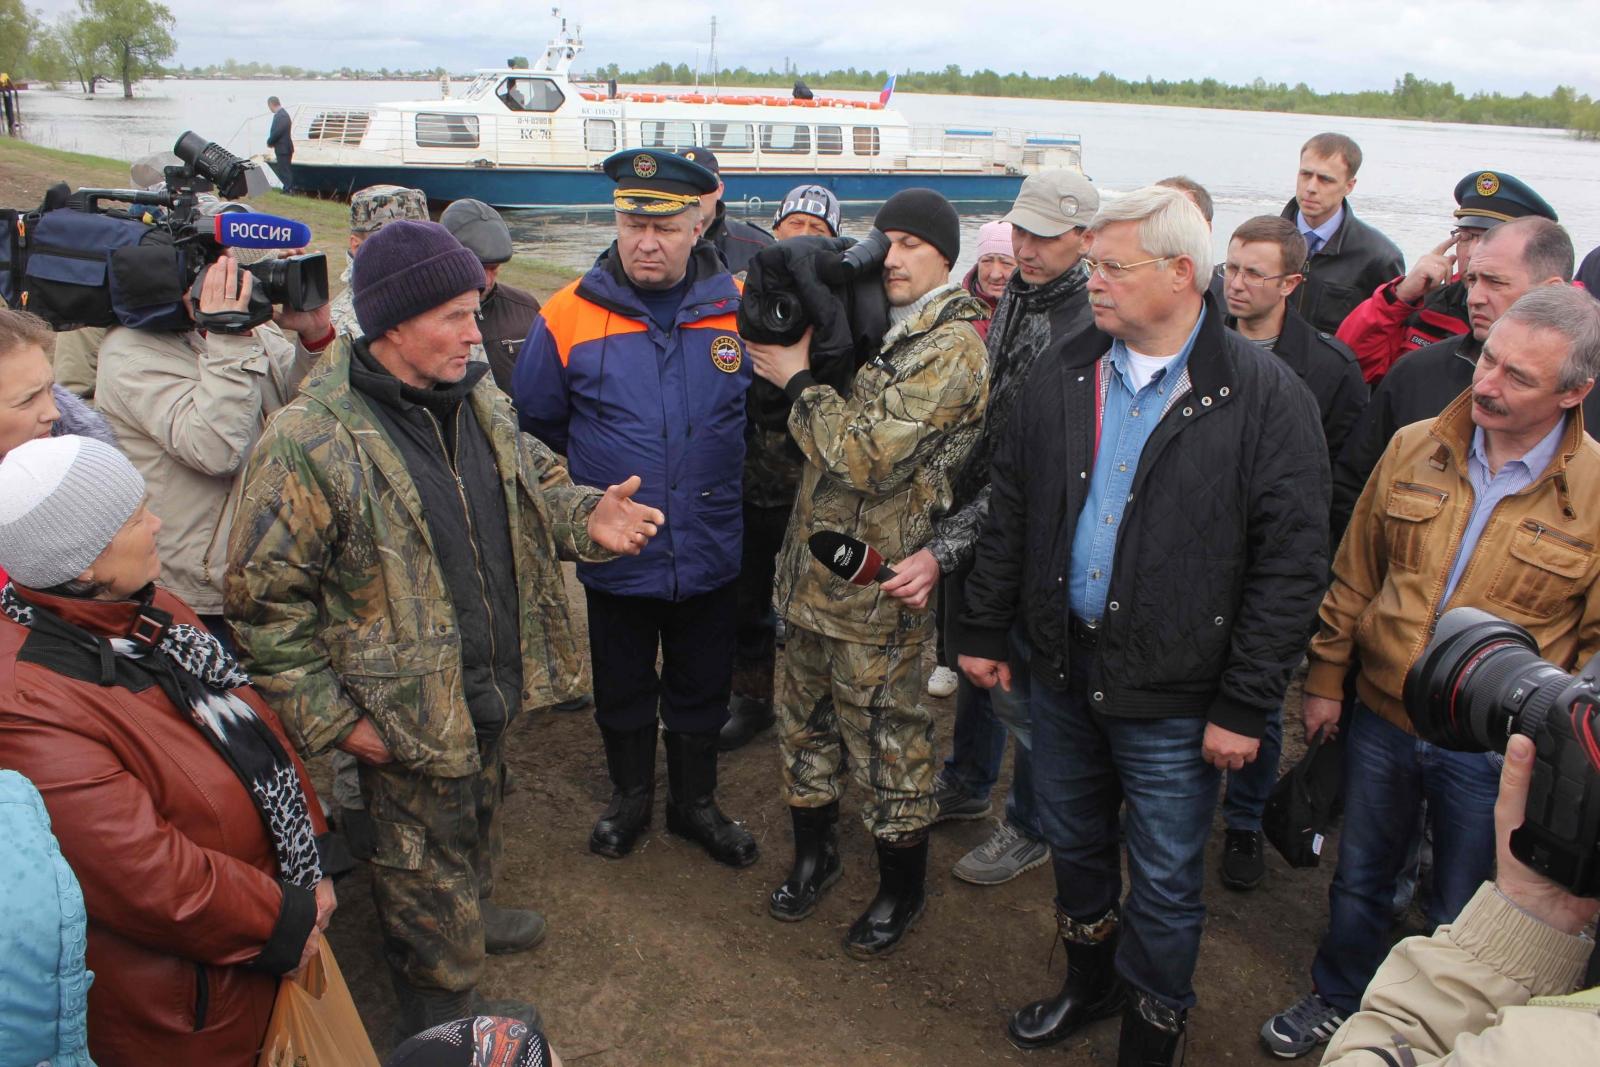 Губернатор Томской области Сергей Жвачкин посетил Чаинский и Колпашевский районы, пострадавшие от весеннего половодья, 23 мая 2015 года